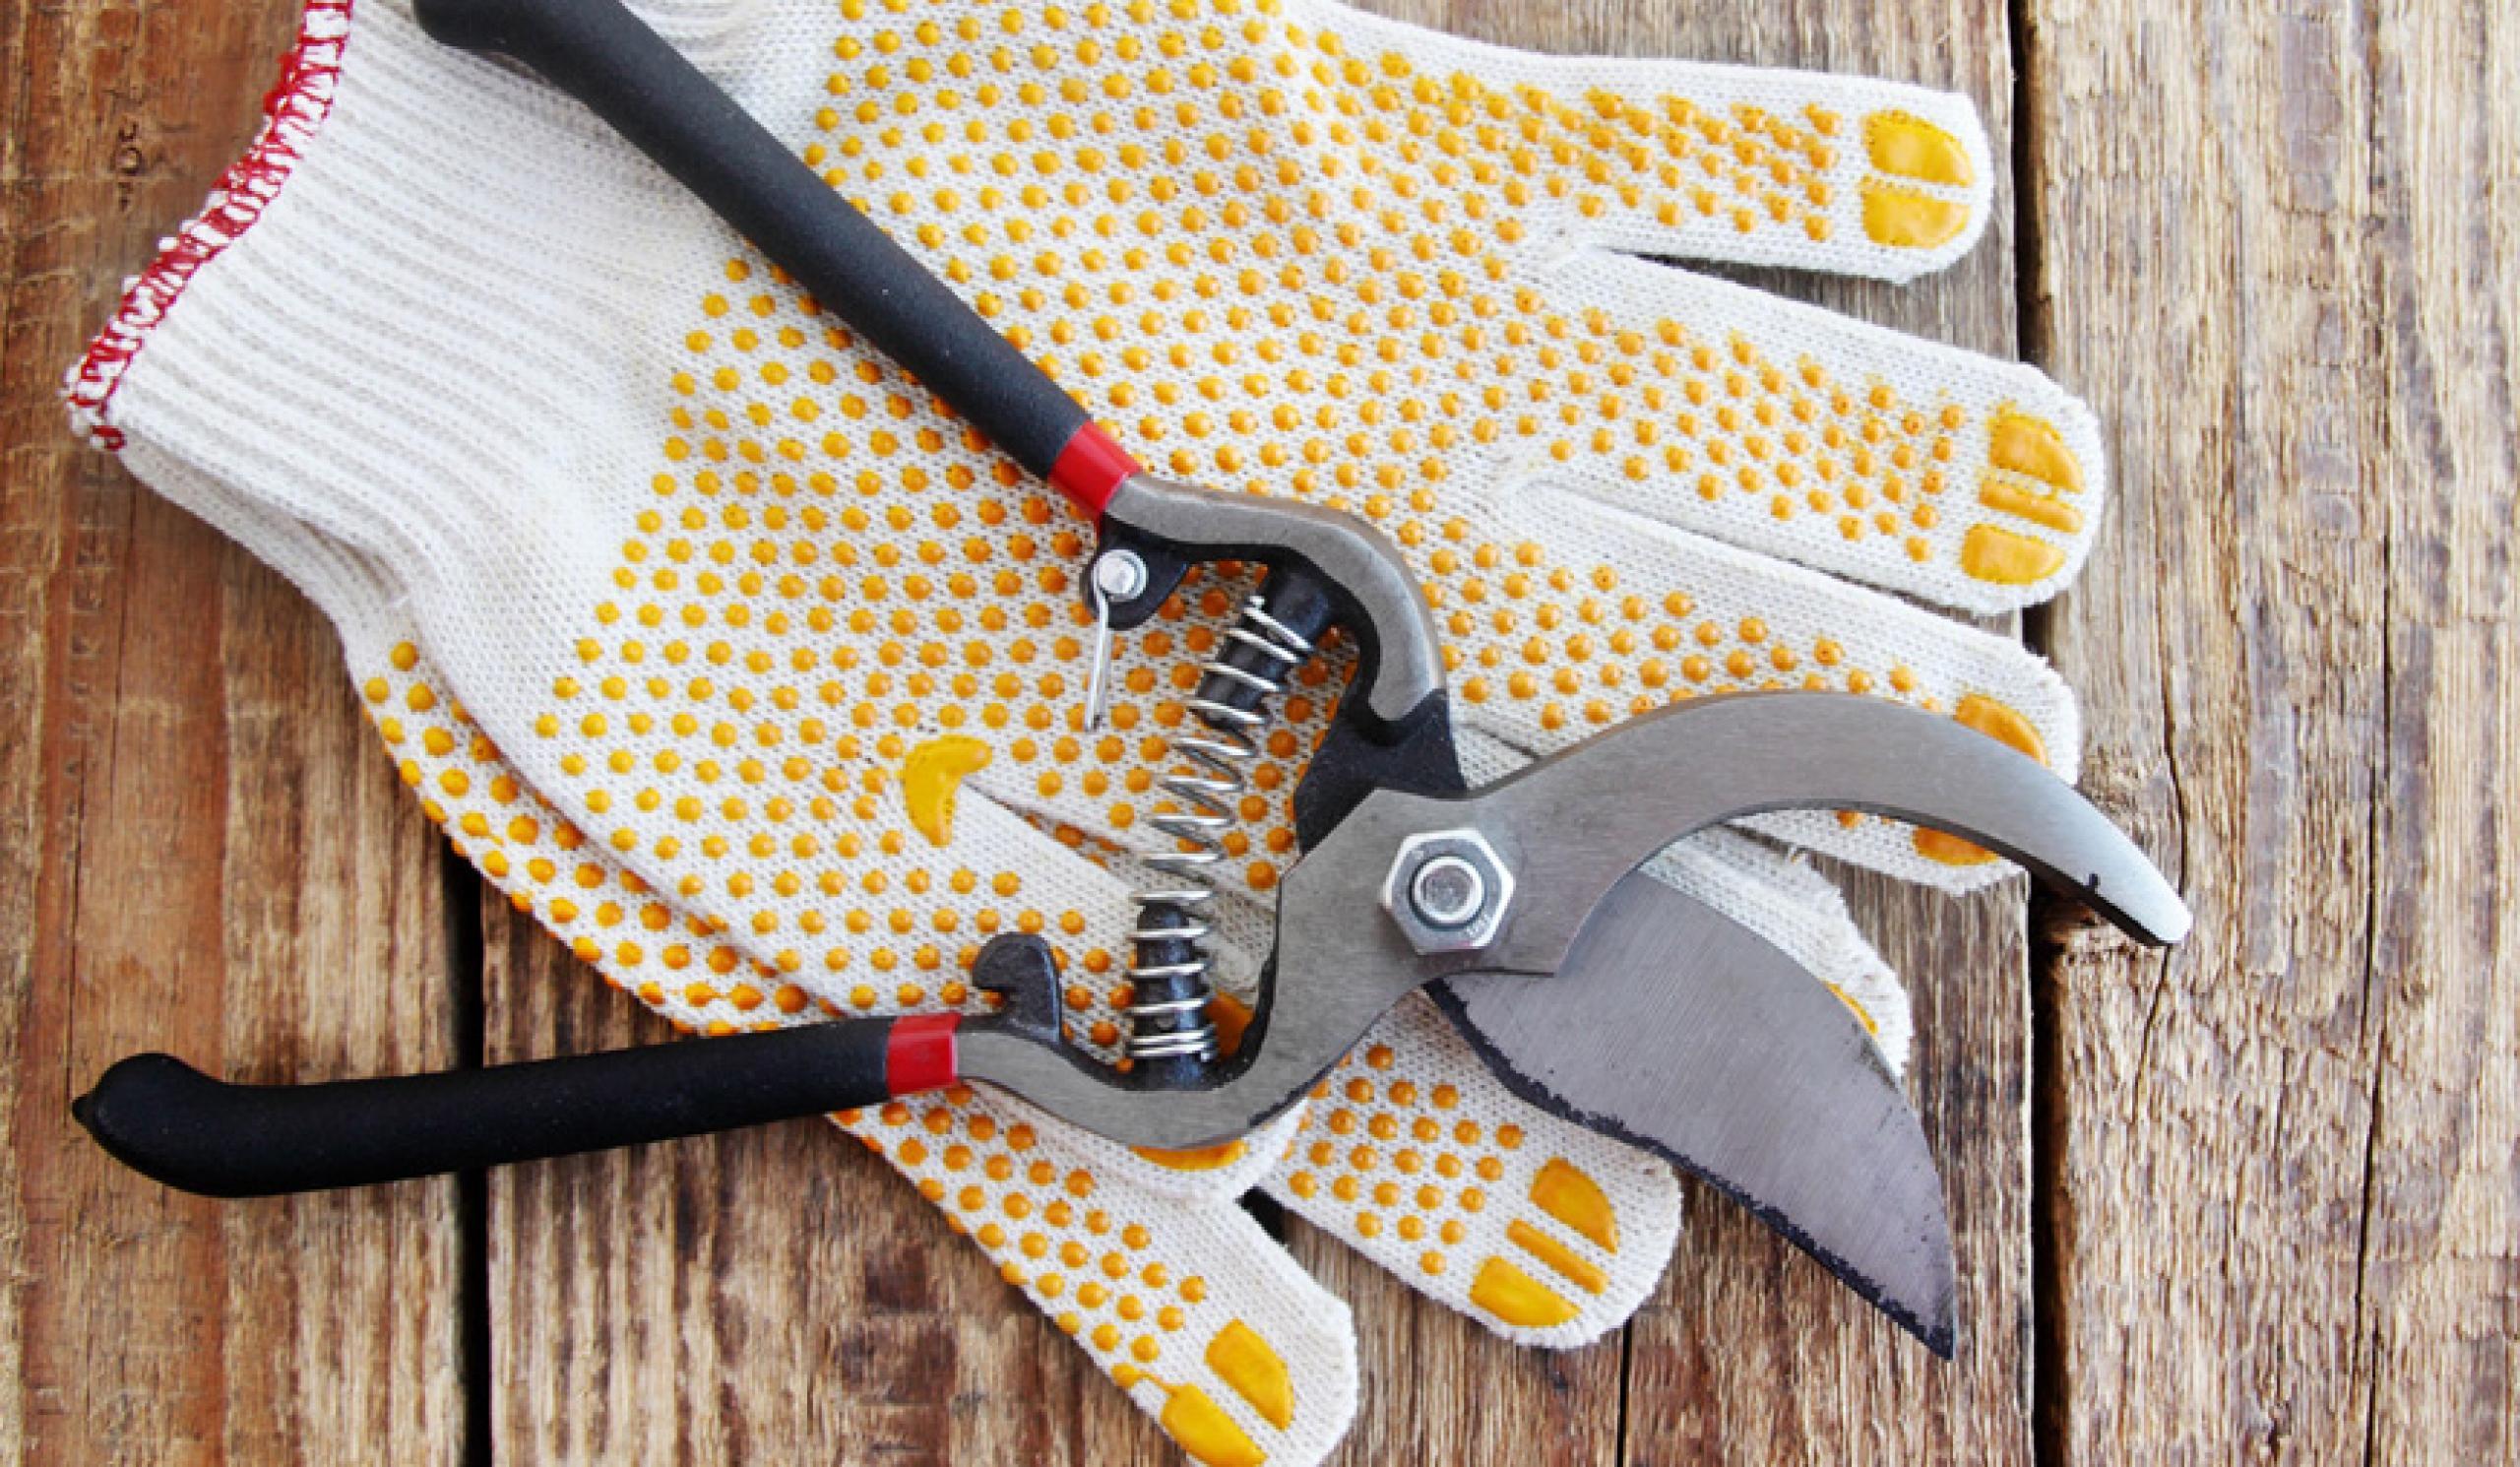 Gartenpflege und Arbeiten im Freien